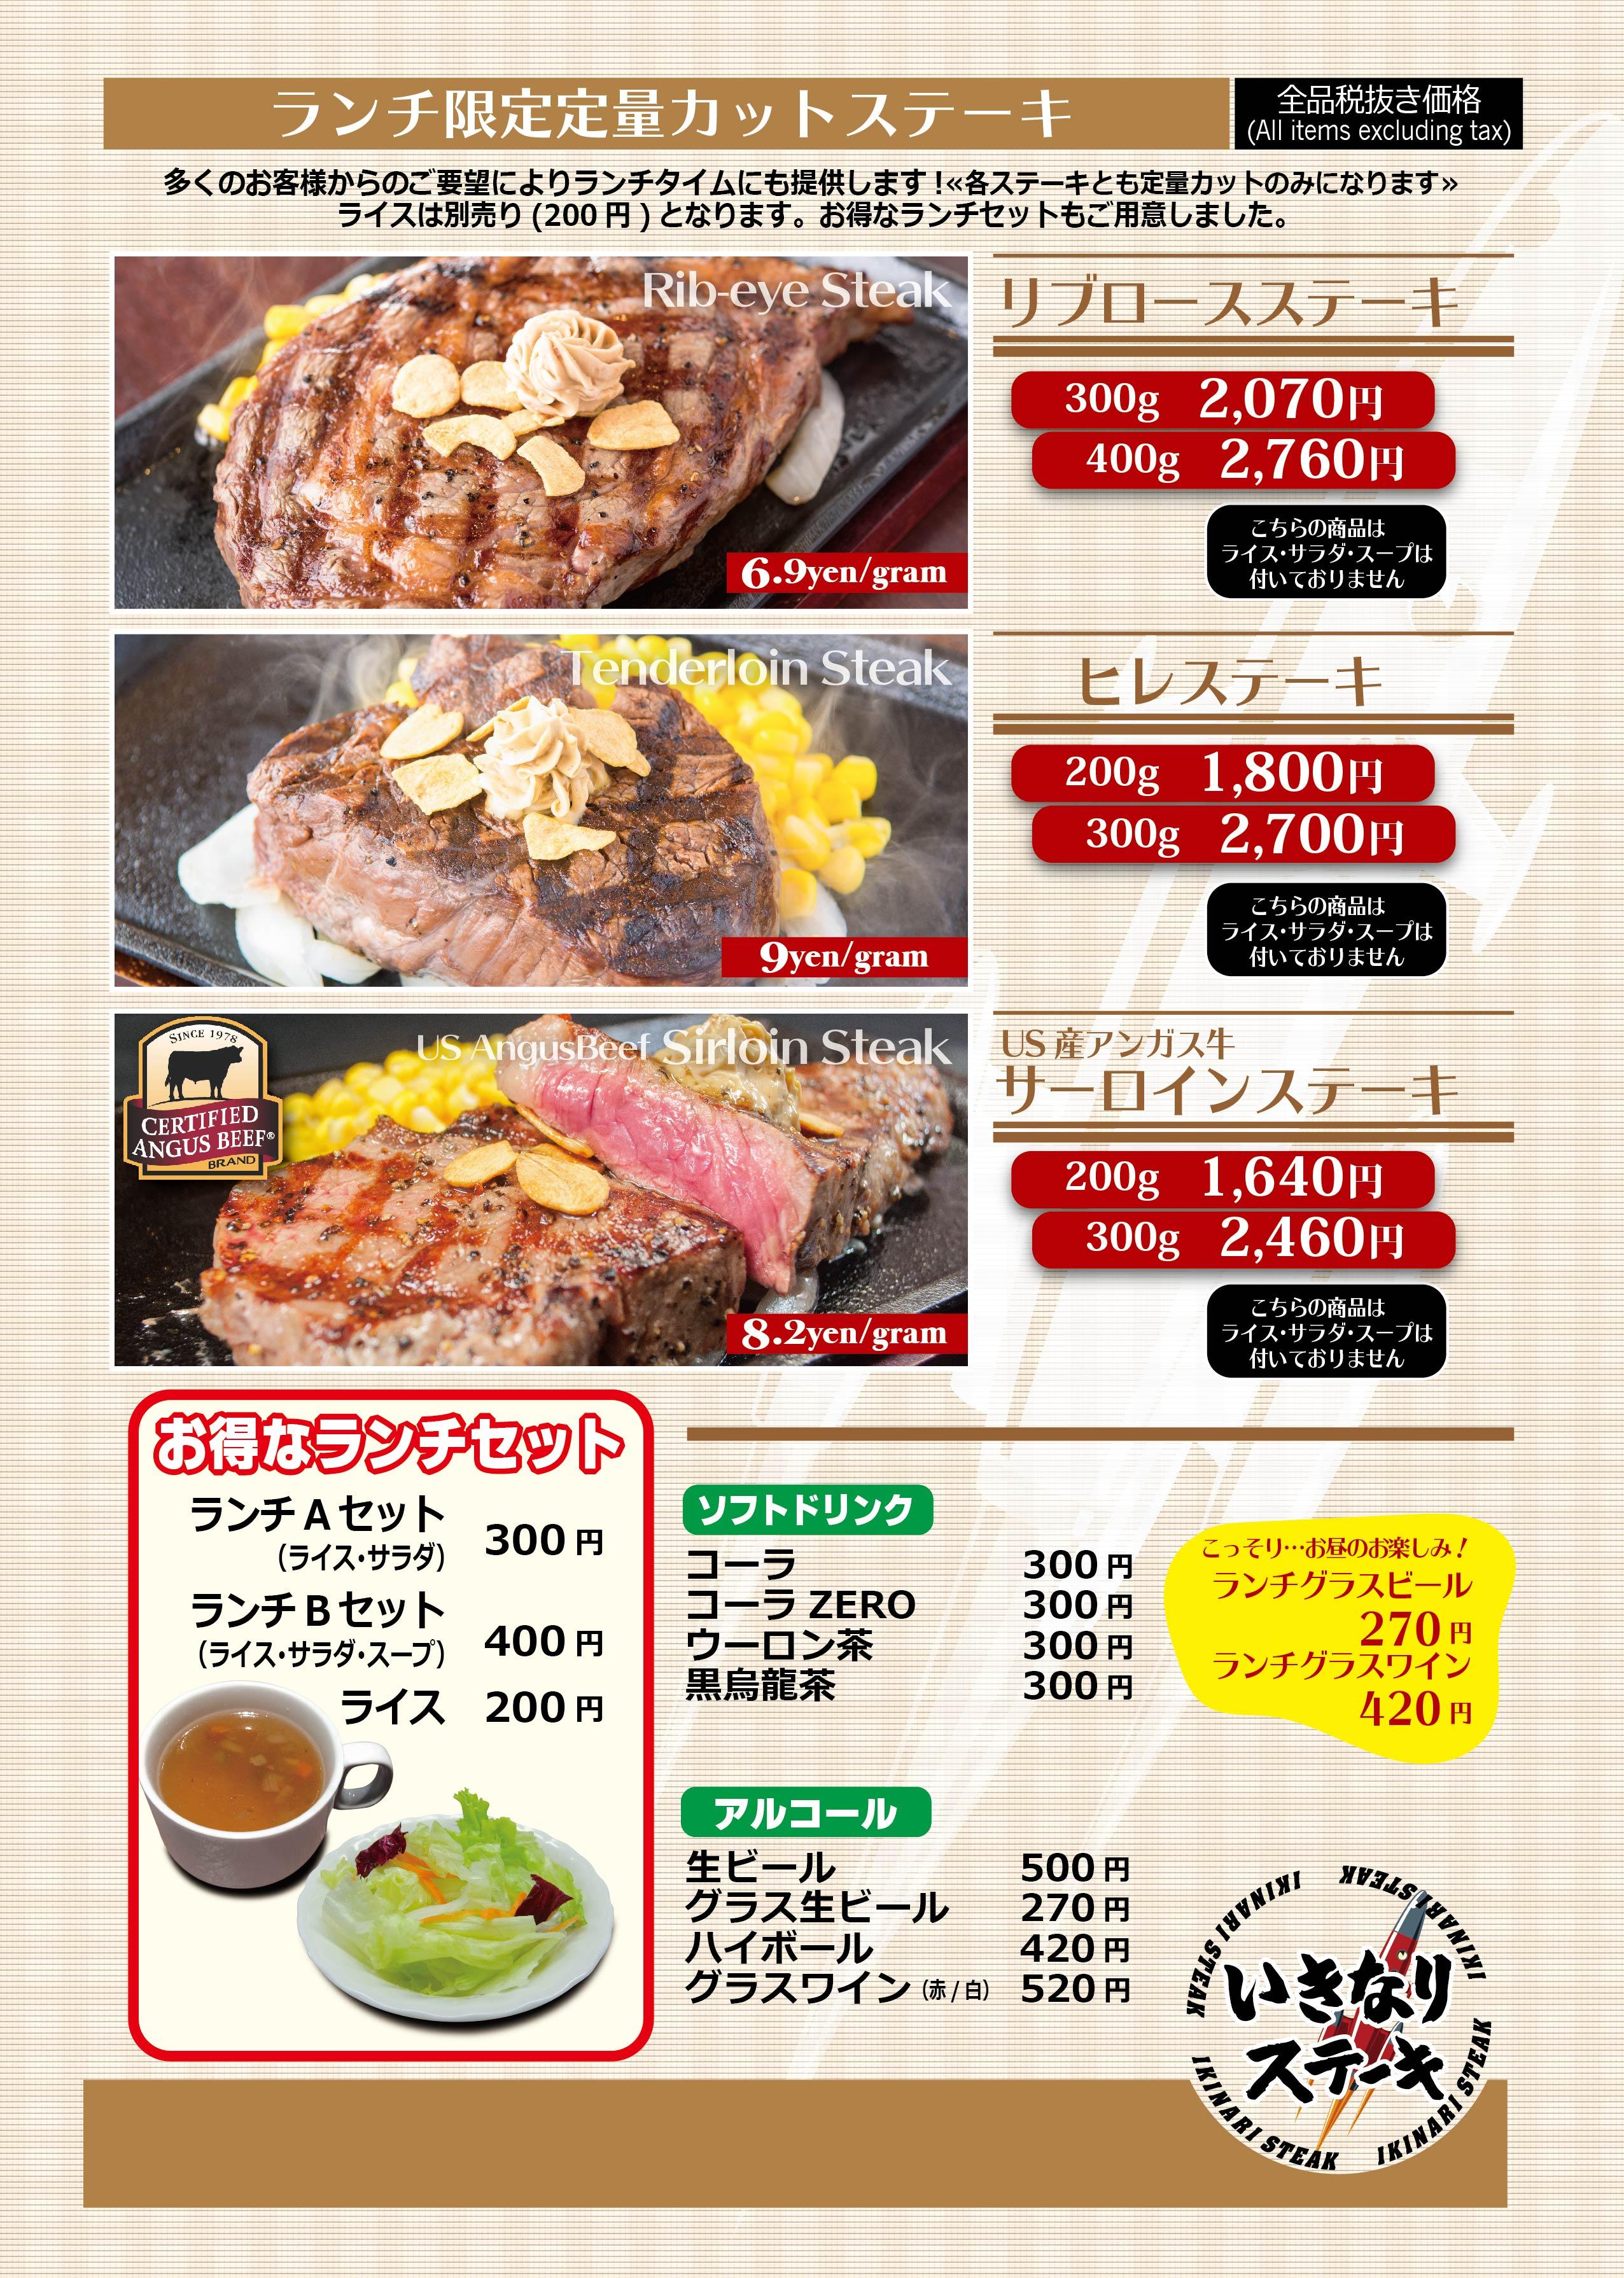 いきなりステーキ名取 ランチッメニュー2